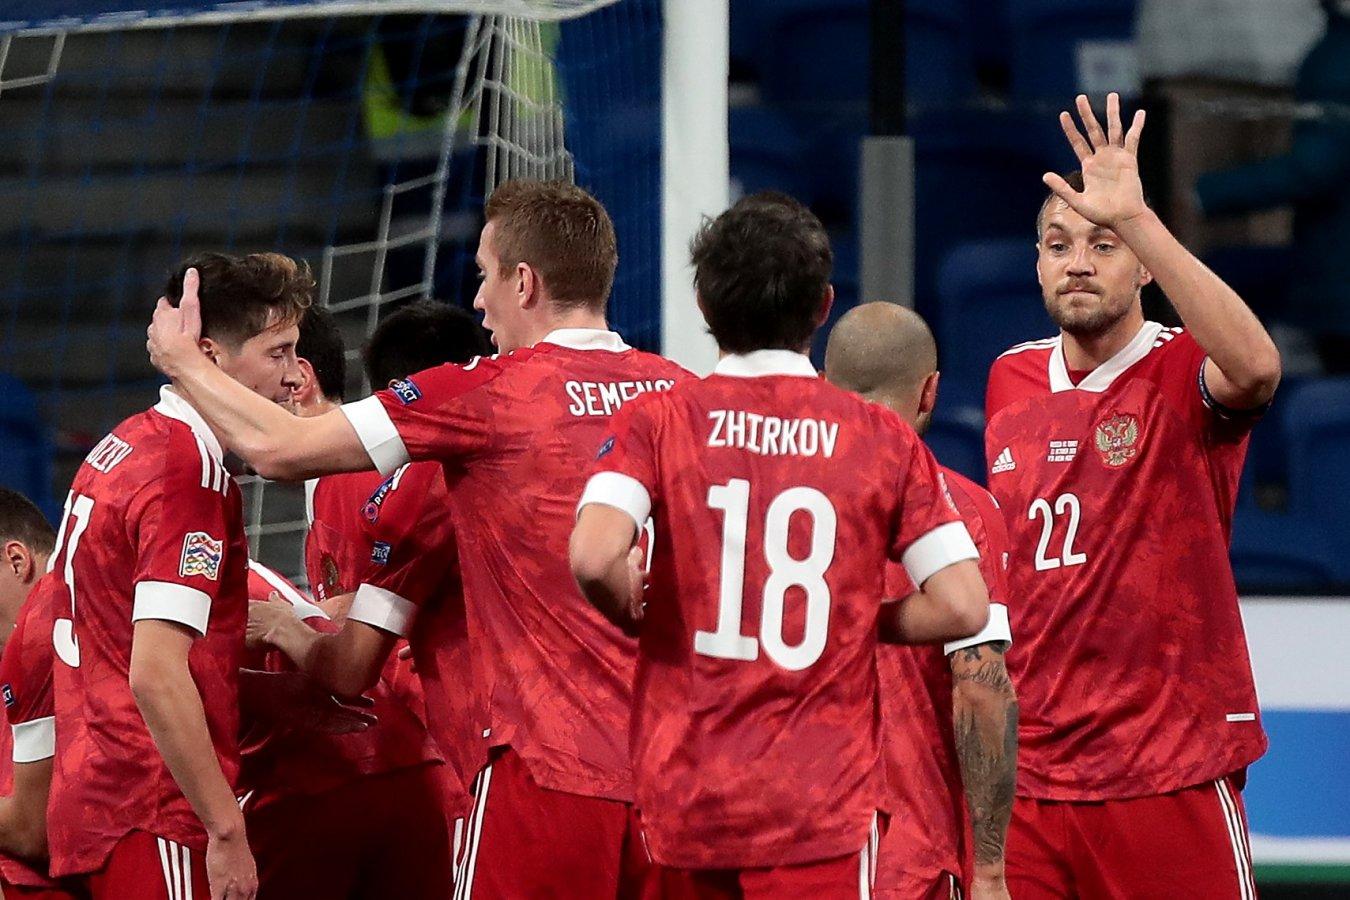 Объявлен итоговый состав сборной России на чемпионат Европы — 2020